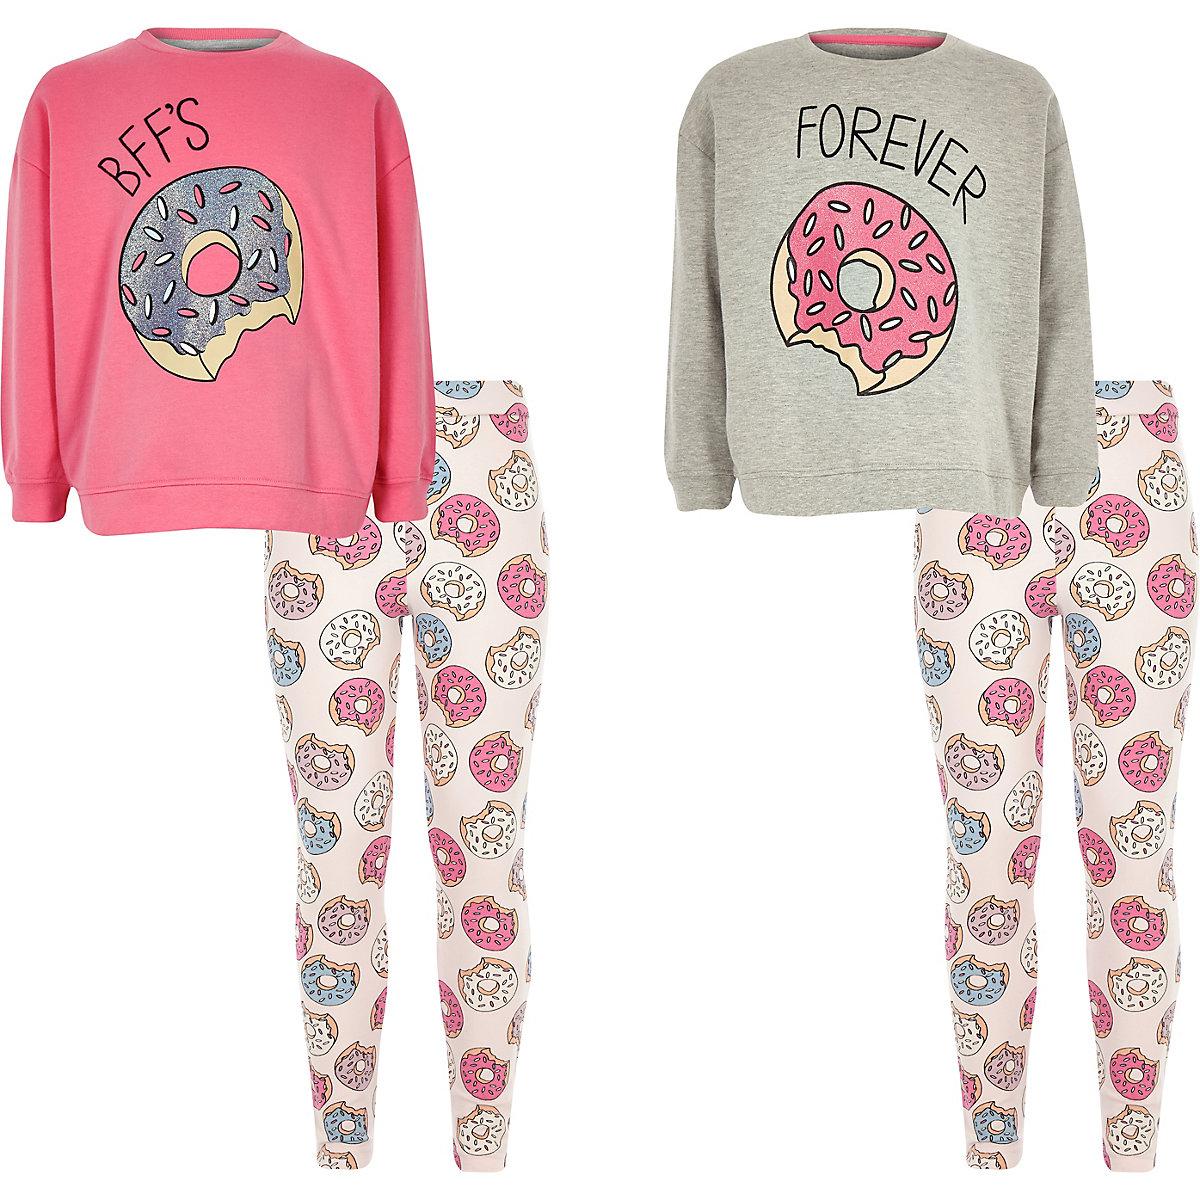 Girls grey BFF donut pyjama set two pack